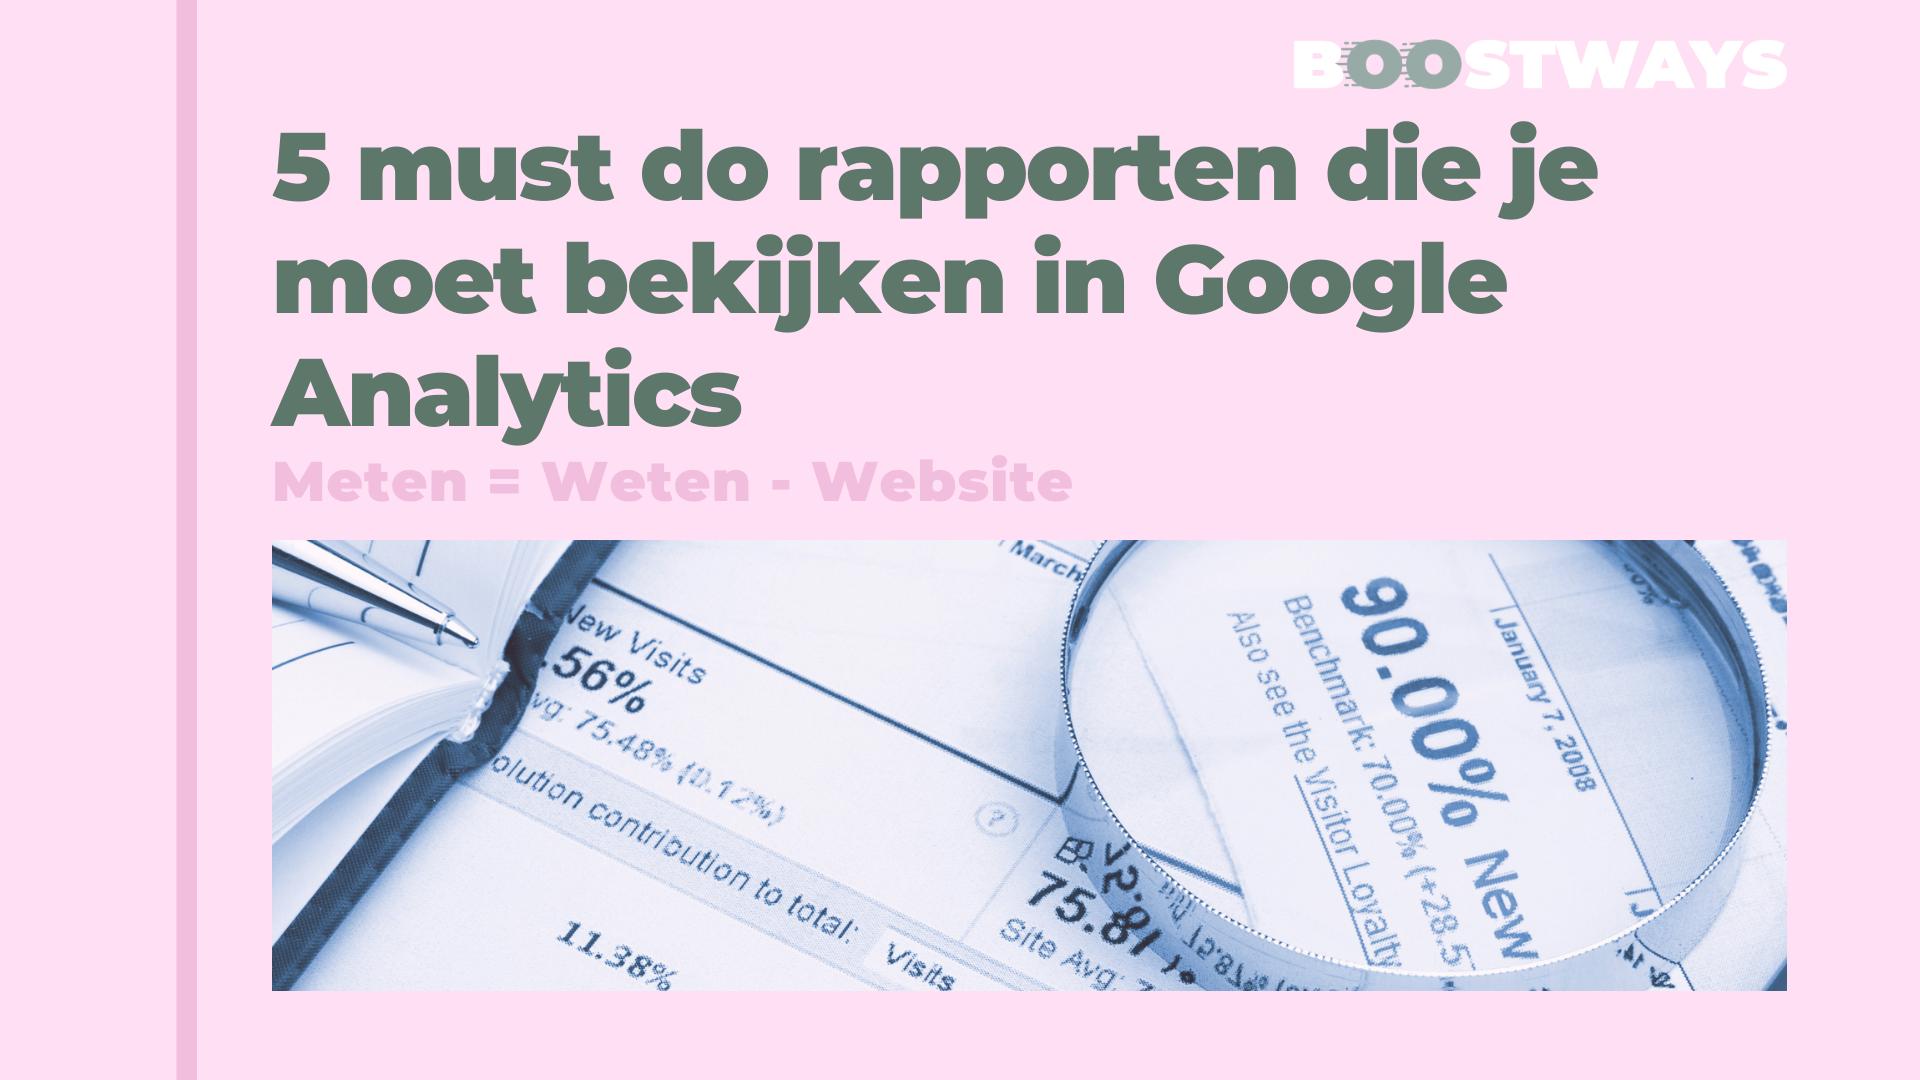 De vijf rapporten die je zeker moet raadplegen in Google Analytics!